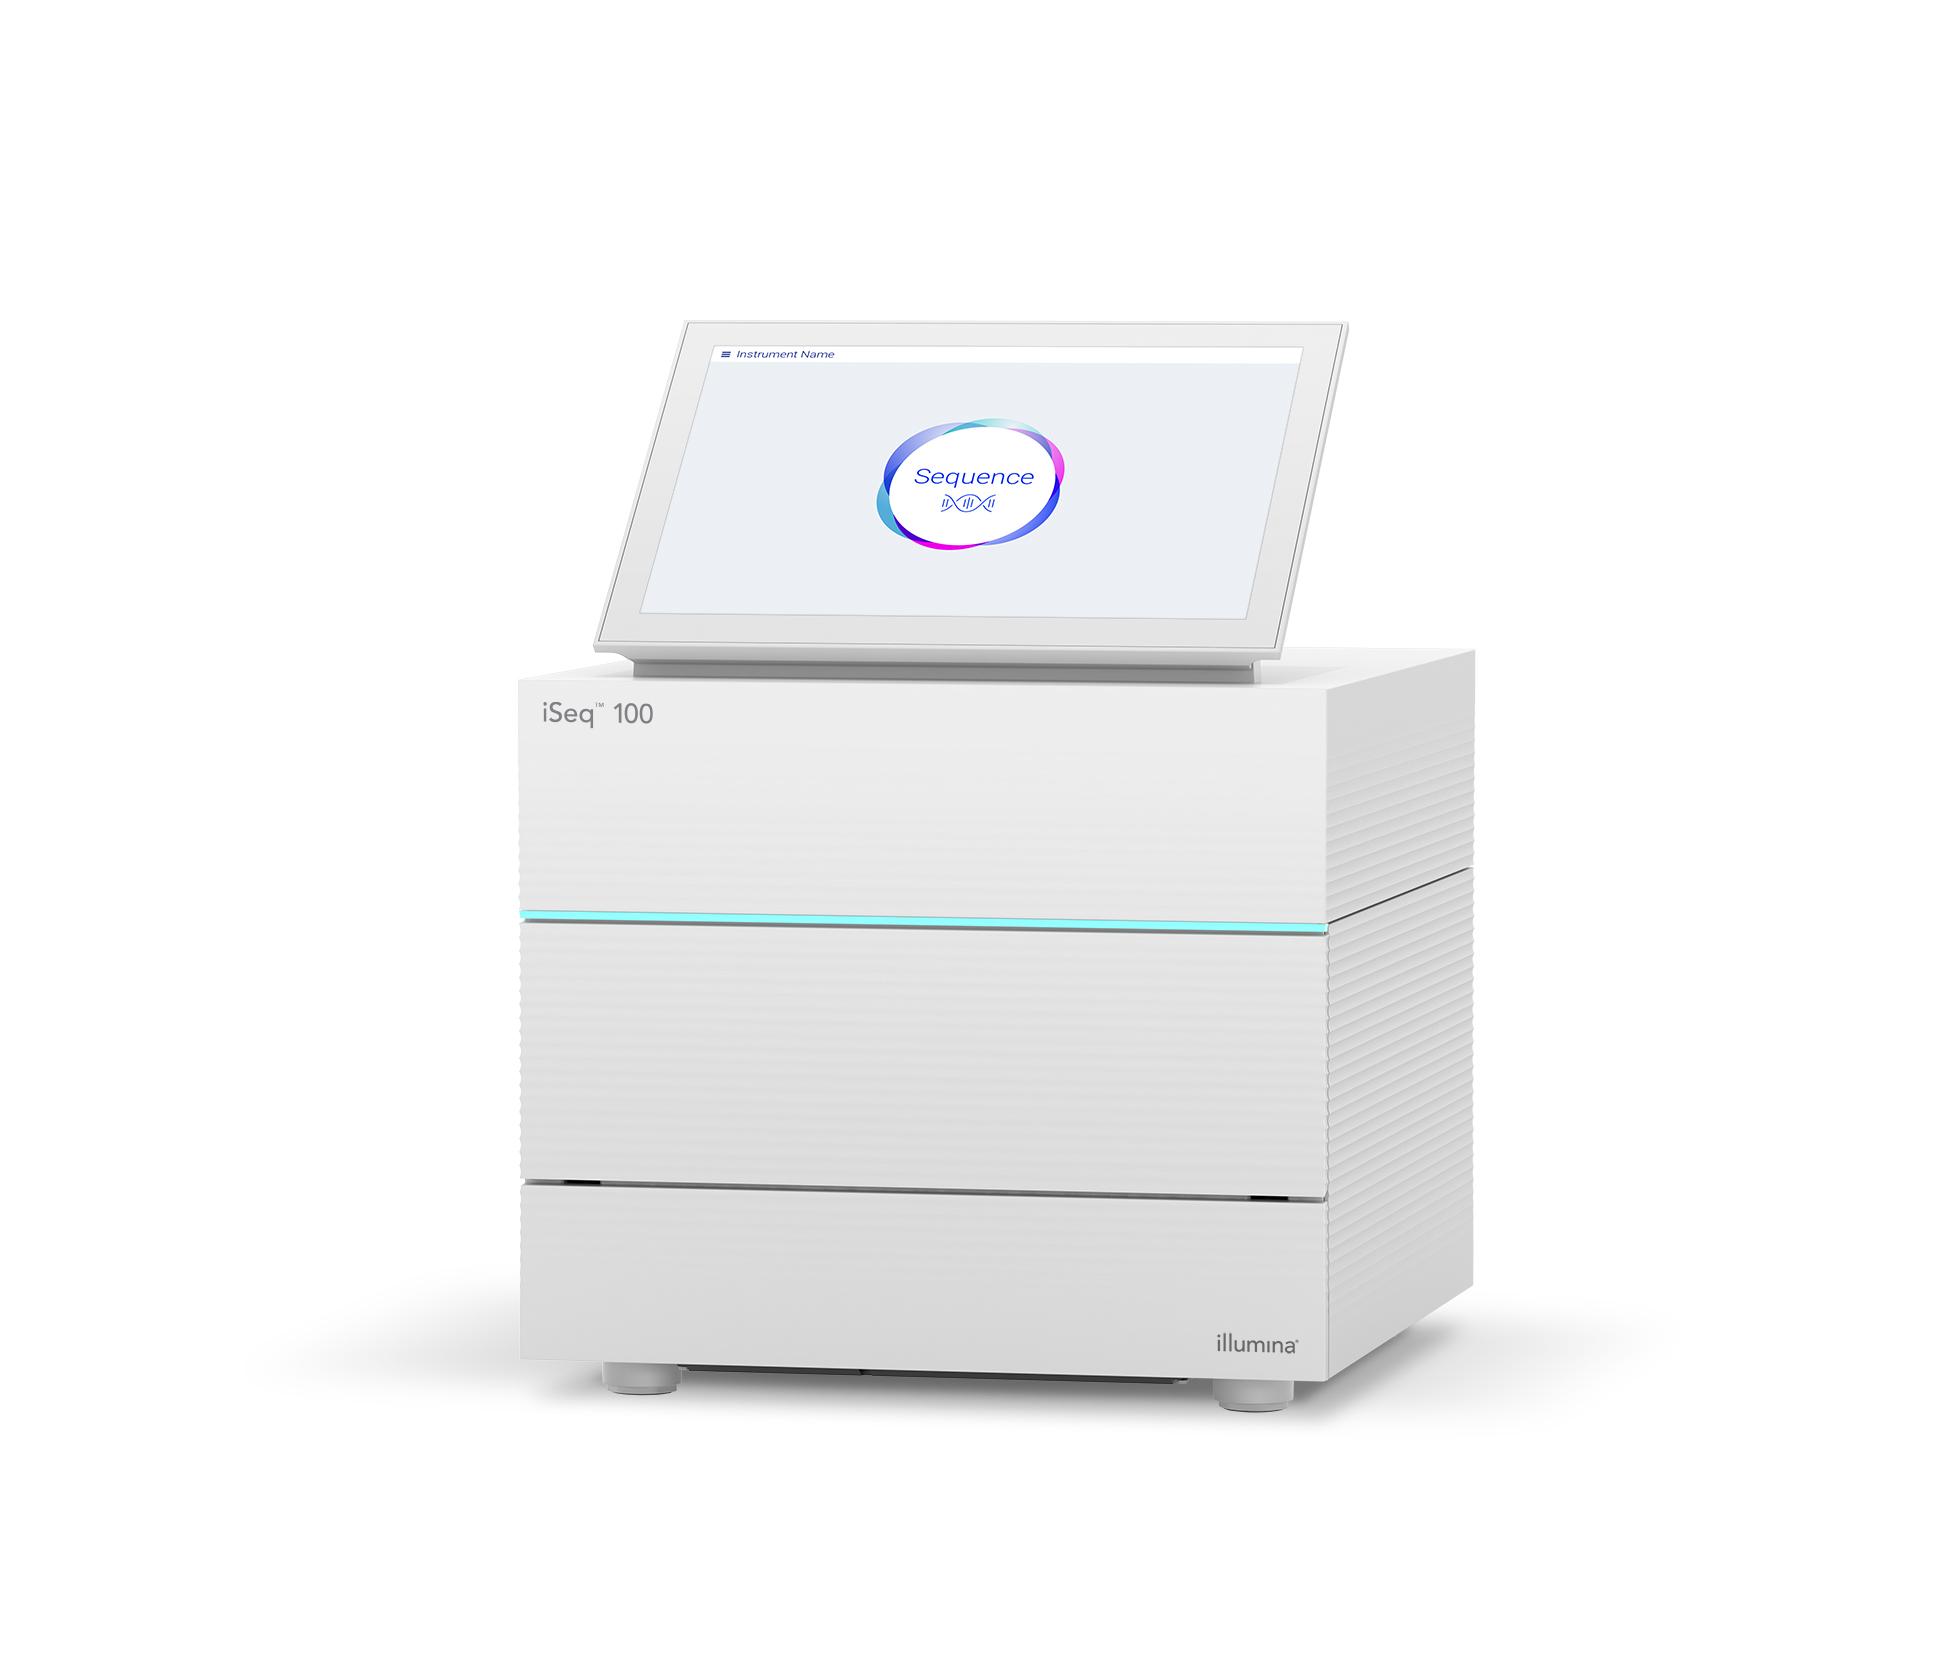 iSeq 100 Sequencing System (Illumina)